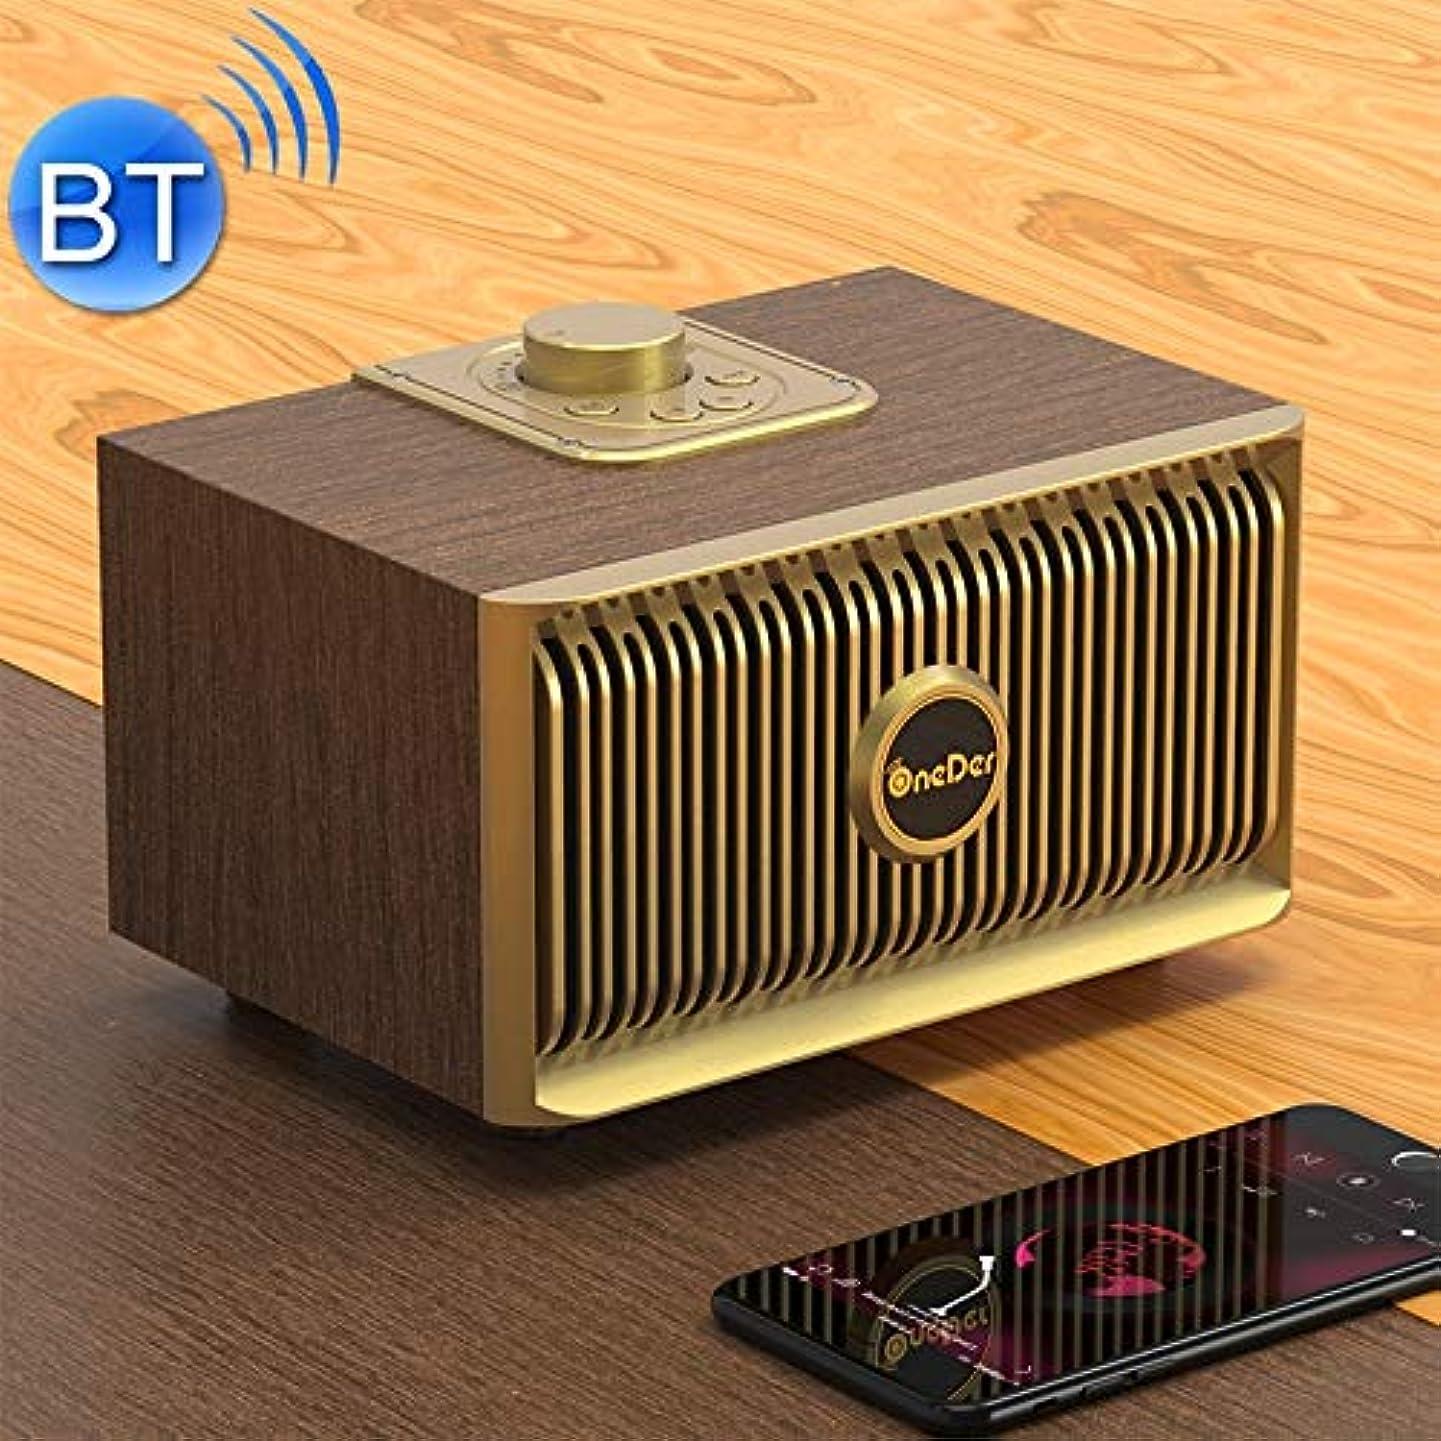 失望実際お茶Eryanone 新しいV5ポータブル無線通信のBluetoothスピーカー新、サポートハンズフリー&FM&TFカード&AUX&USBドライブ(ブロンズ) (色 : ブロンズ)